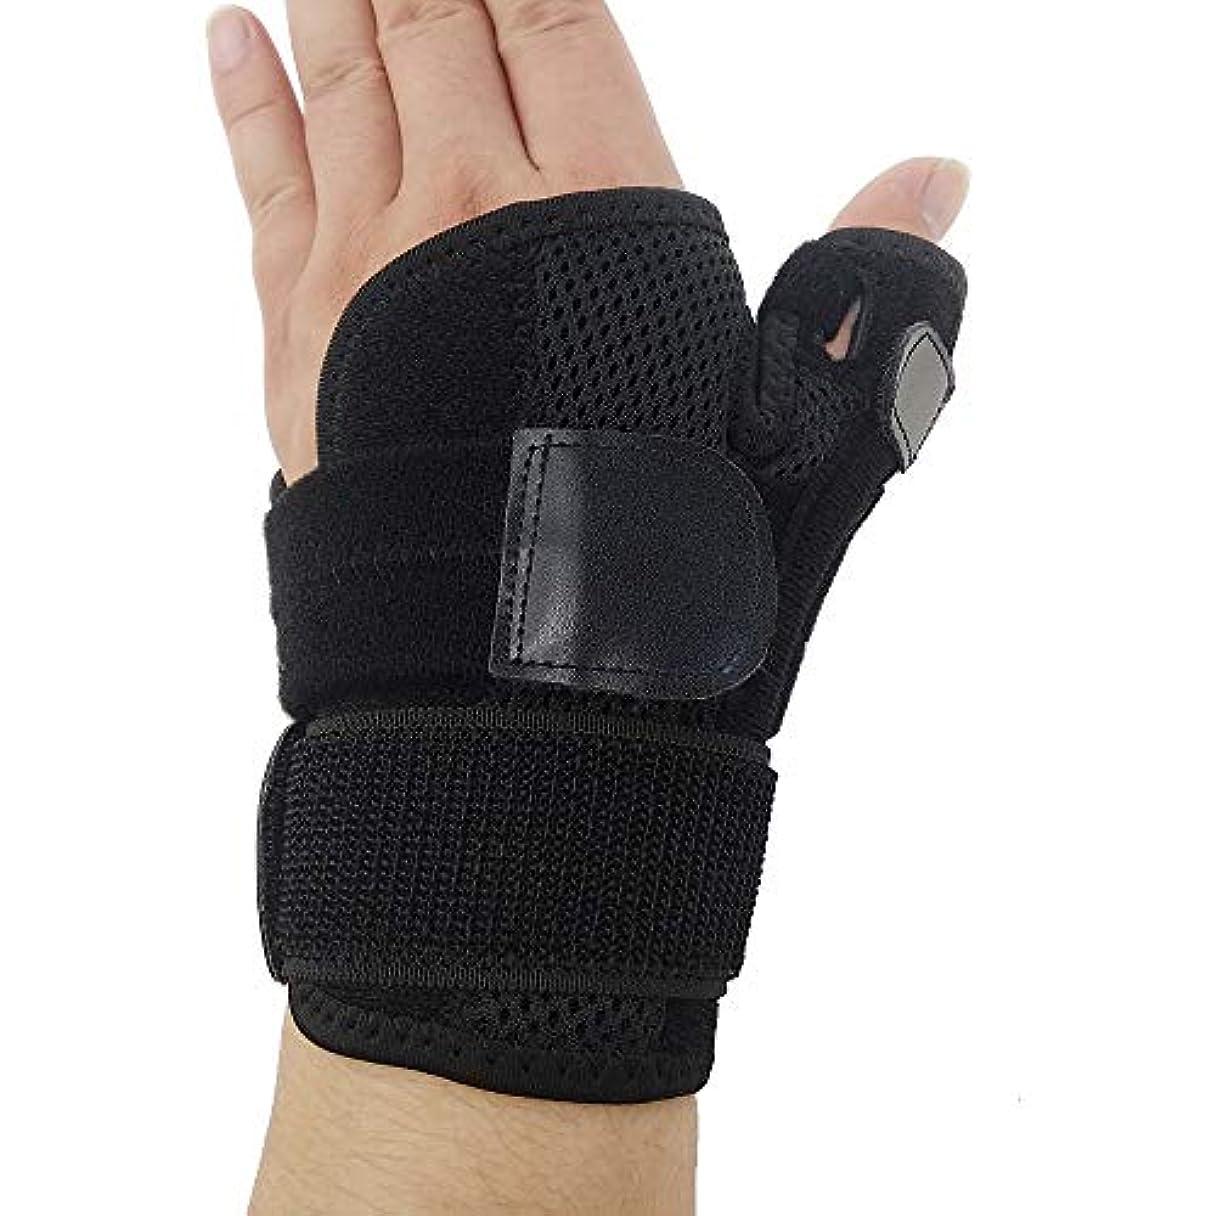 粘性のトリッキーセンサーZYL-YL ブレーサー親指脊椎骨折母の手の固定具手首Heelingsスチールバーのサポートハンドスプリント (Edition : Left)